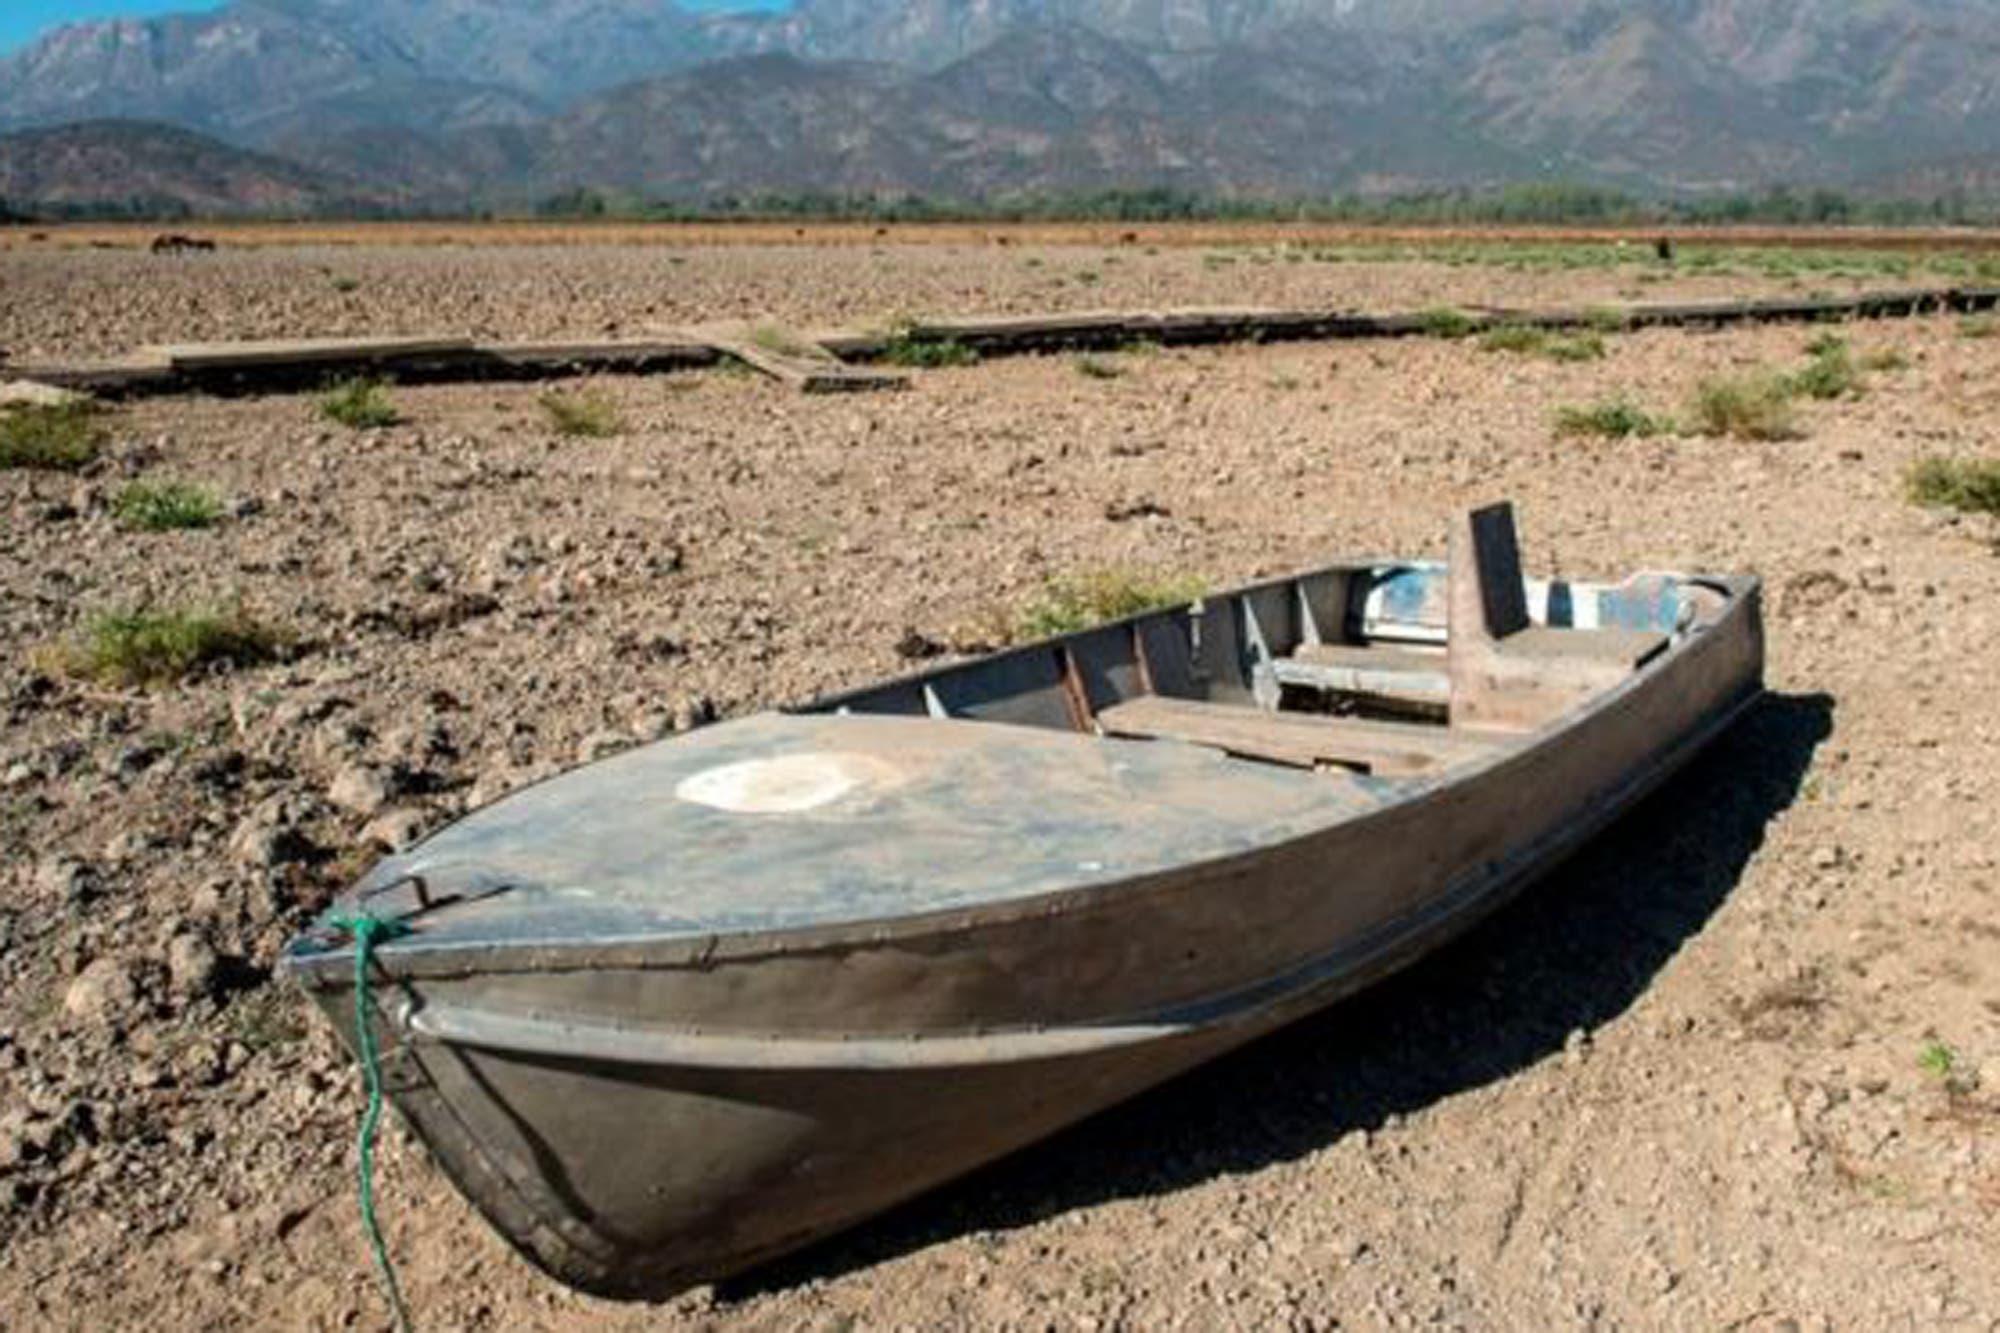 Cuatro efectos del cambio climático que ya se pueden ver en América Latina